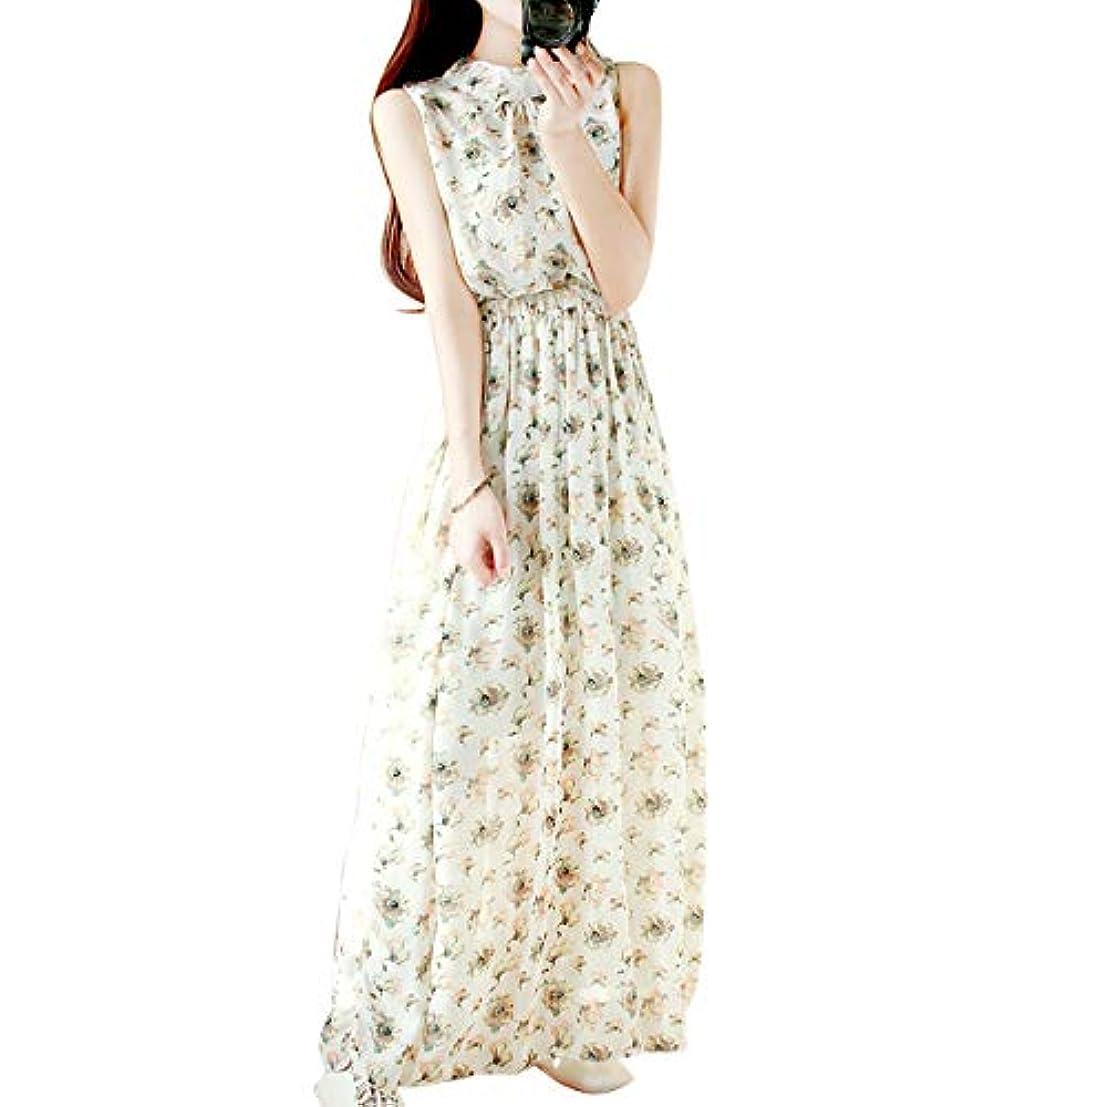 ロードされたブロー抵抗する[ココチエ] ワンピース ロング 花柄 シフォン ノースリーブ 半袖 かわ いい リゾート ホワイト ブラック